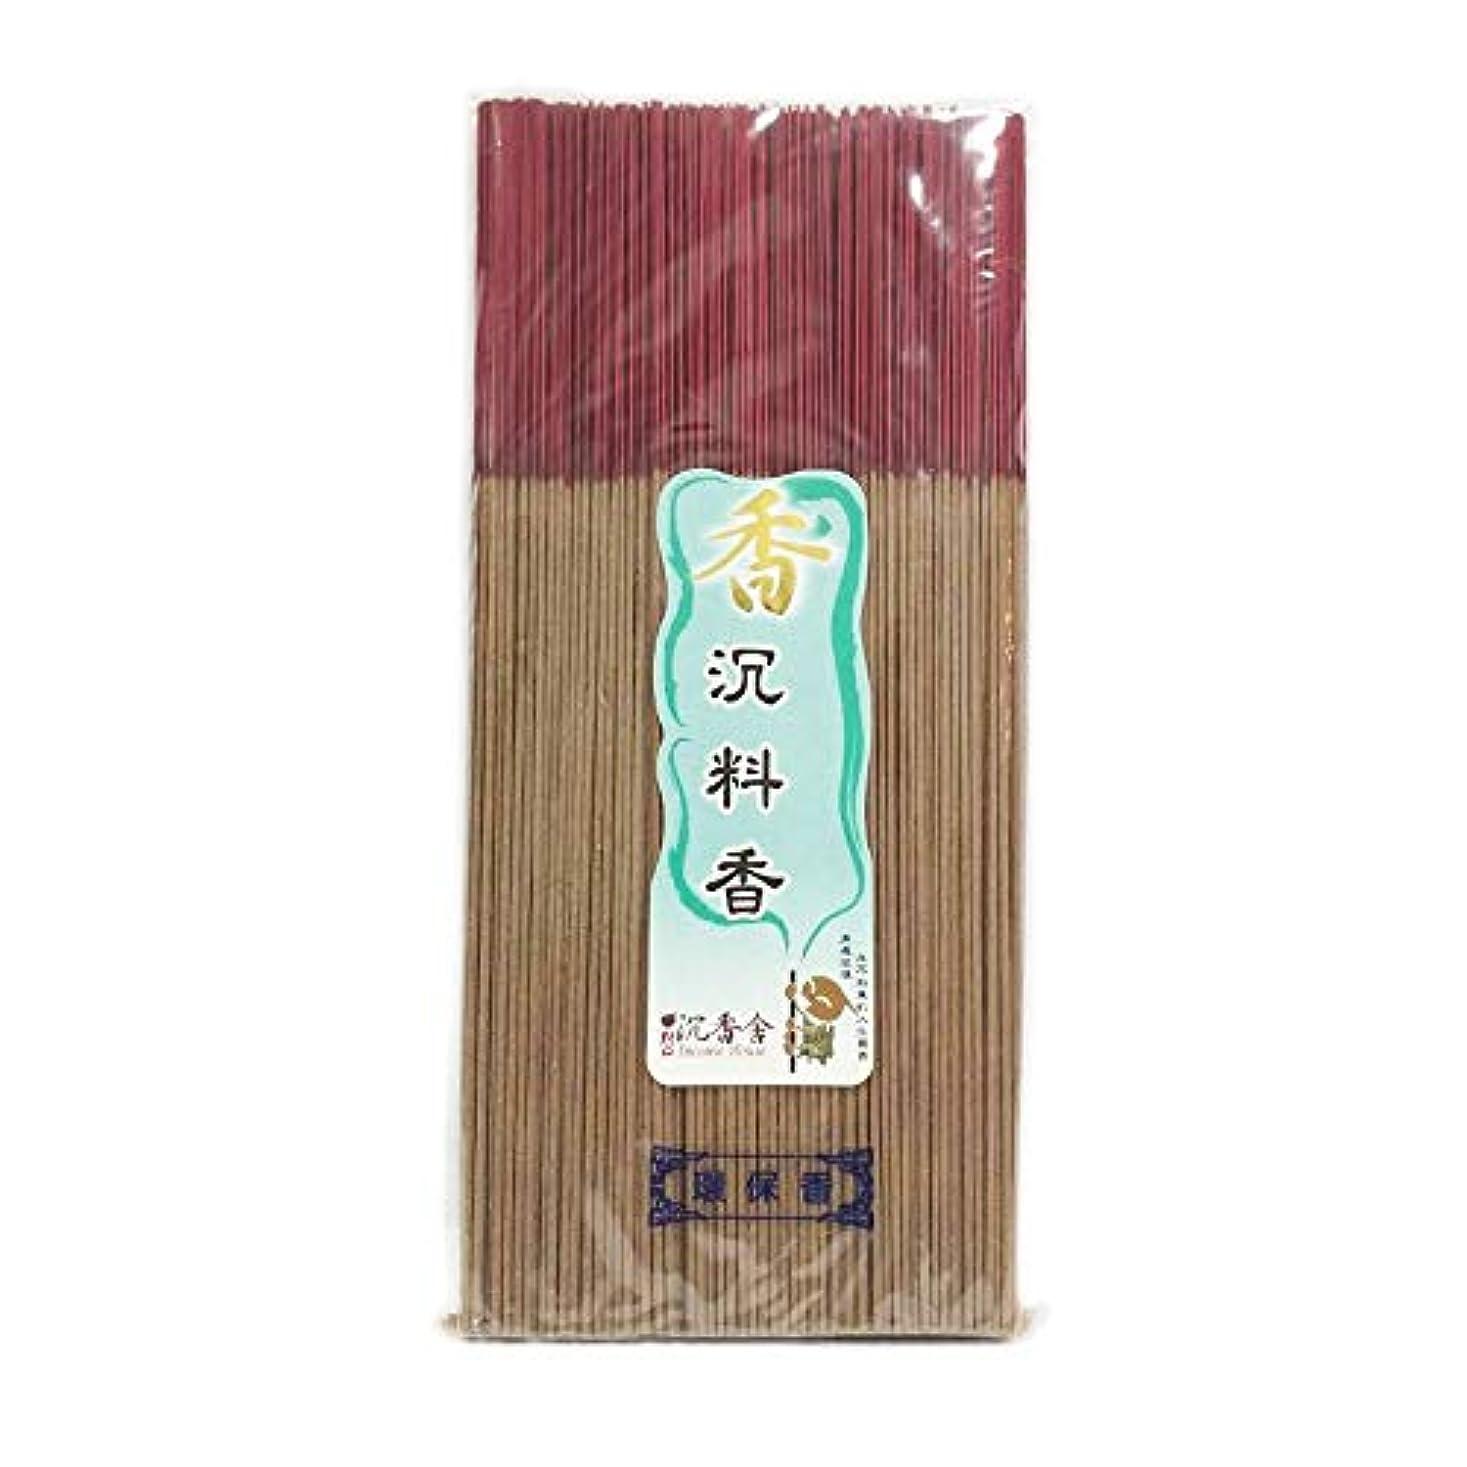 マイクマスク一口伝統的 中国風 薬味 ジョス お香スティック 300g 台湾 お香 家 宗教的 仏陀用 約400本 30cm